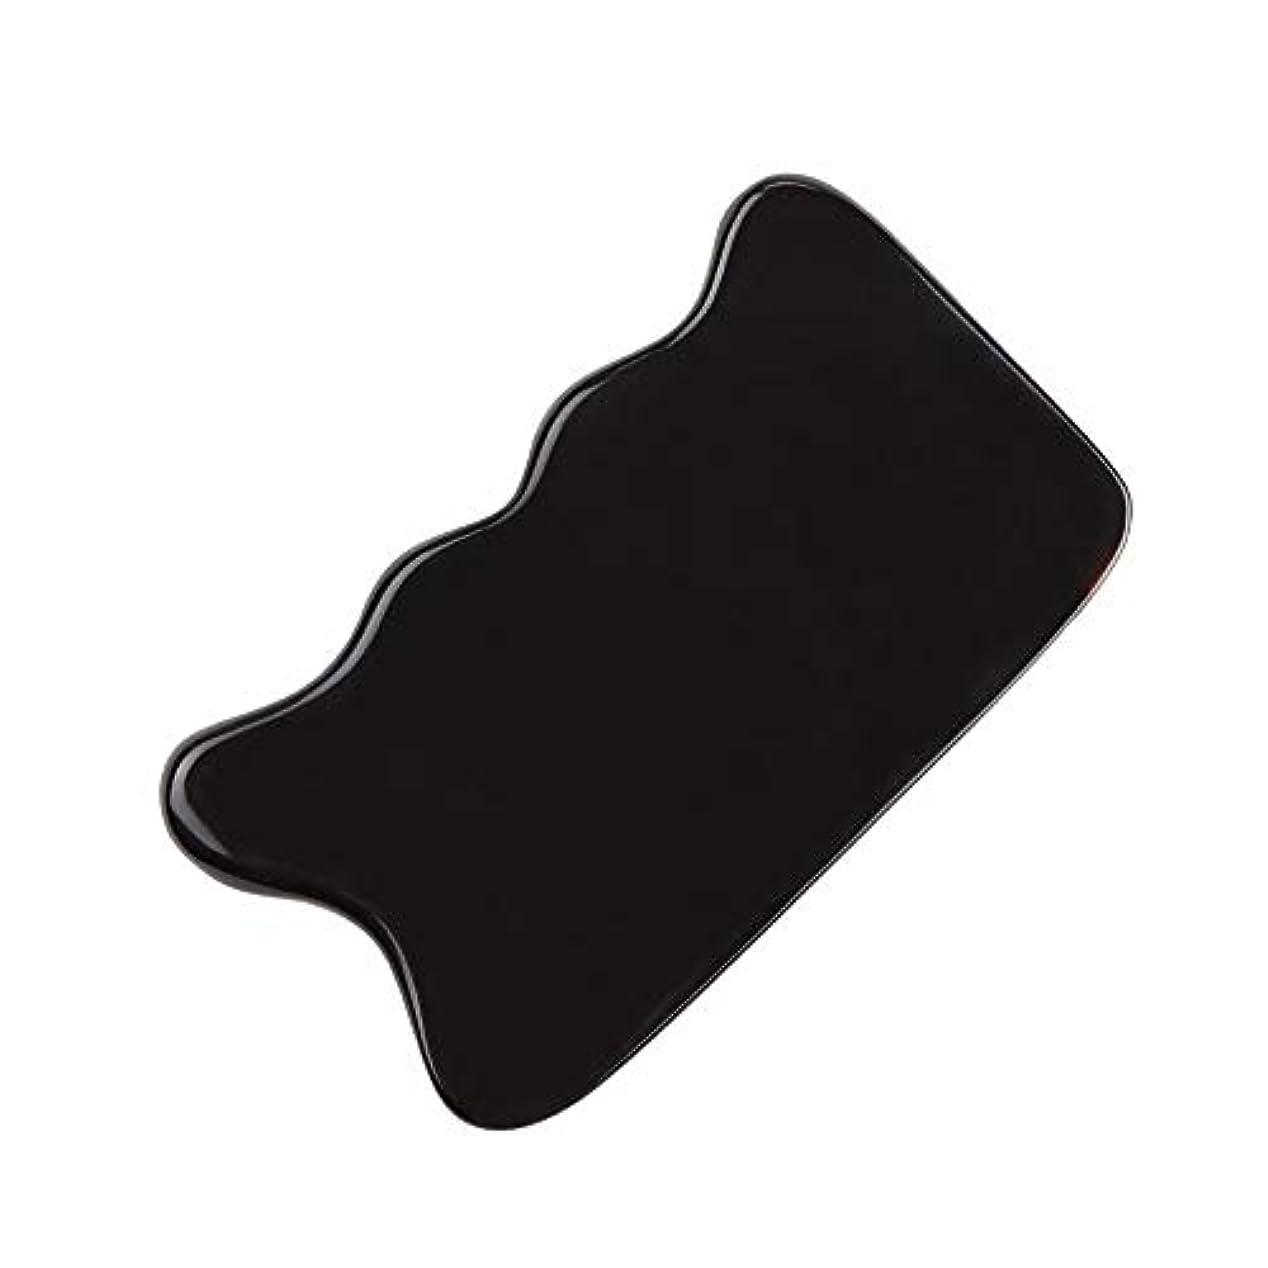 思われる移植同情的MUOBOFU カッサ・マッサージ・美容器 スクレーパー 天然牛の角製 筋脈リラックス 個性logoカスタマイズ